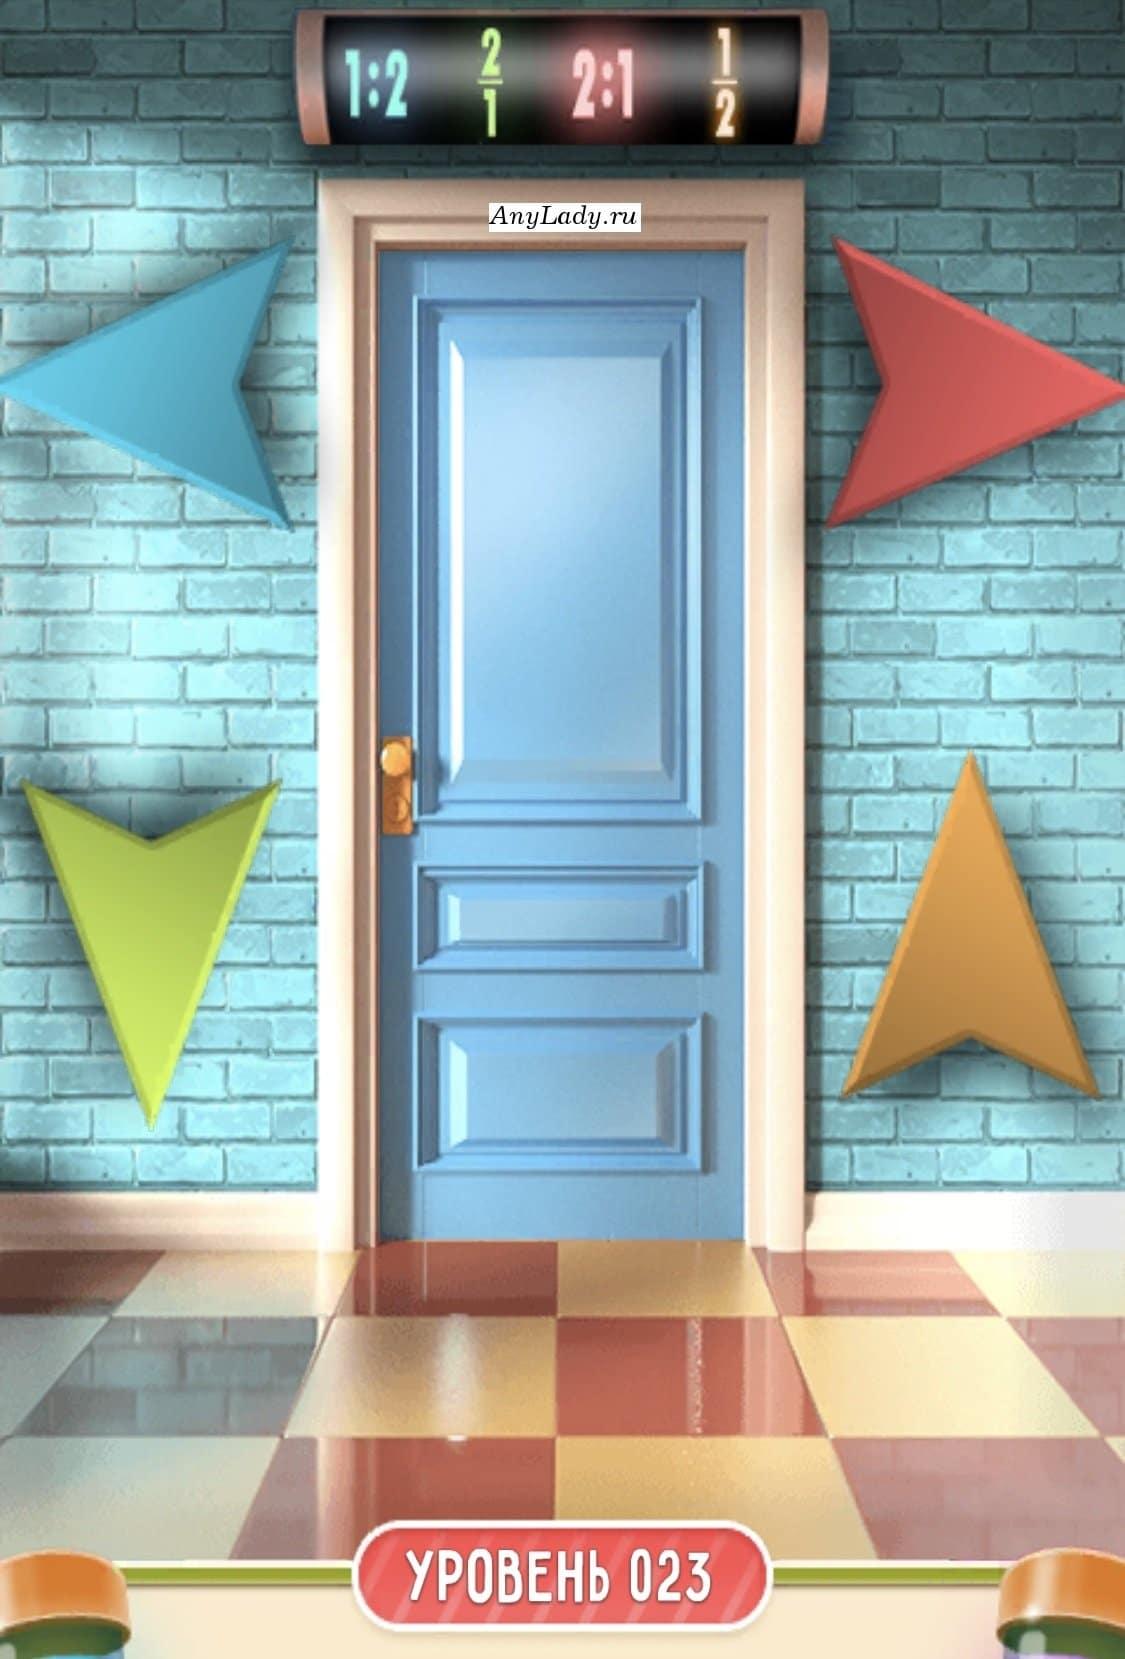 Ответ: Синяя стрелка смотрит налево; Красный указатель на право; Зеленый - вниз; Оранжевый - вверх.